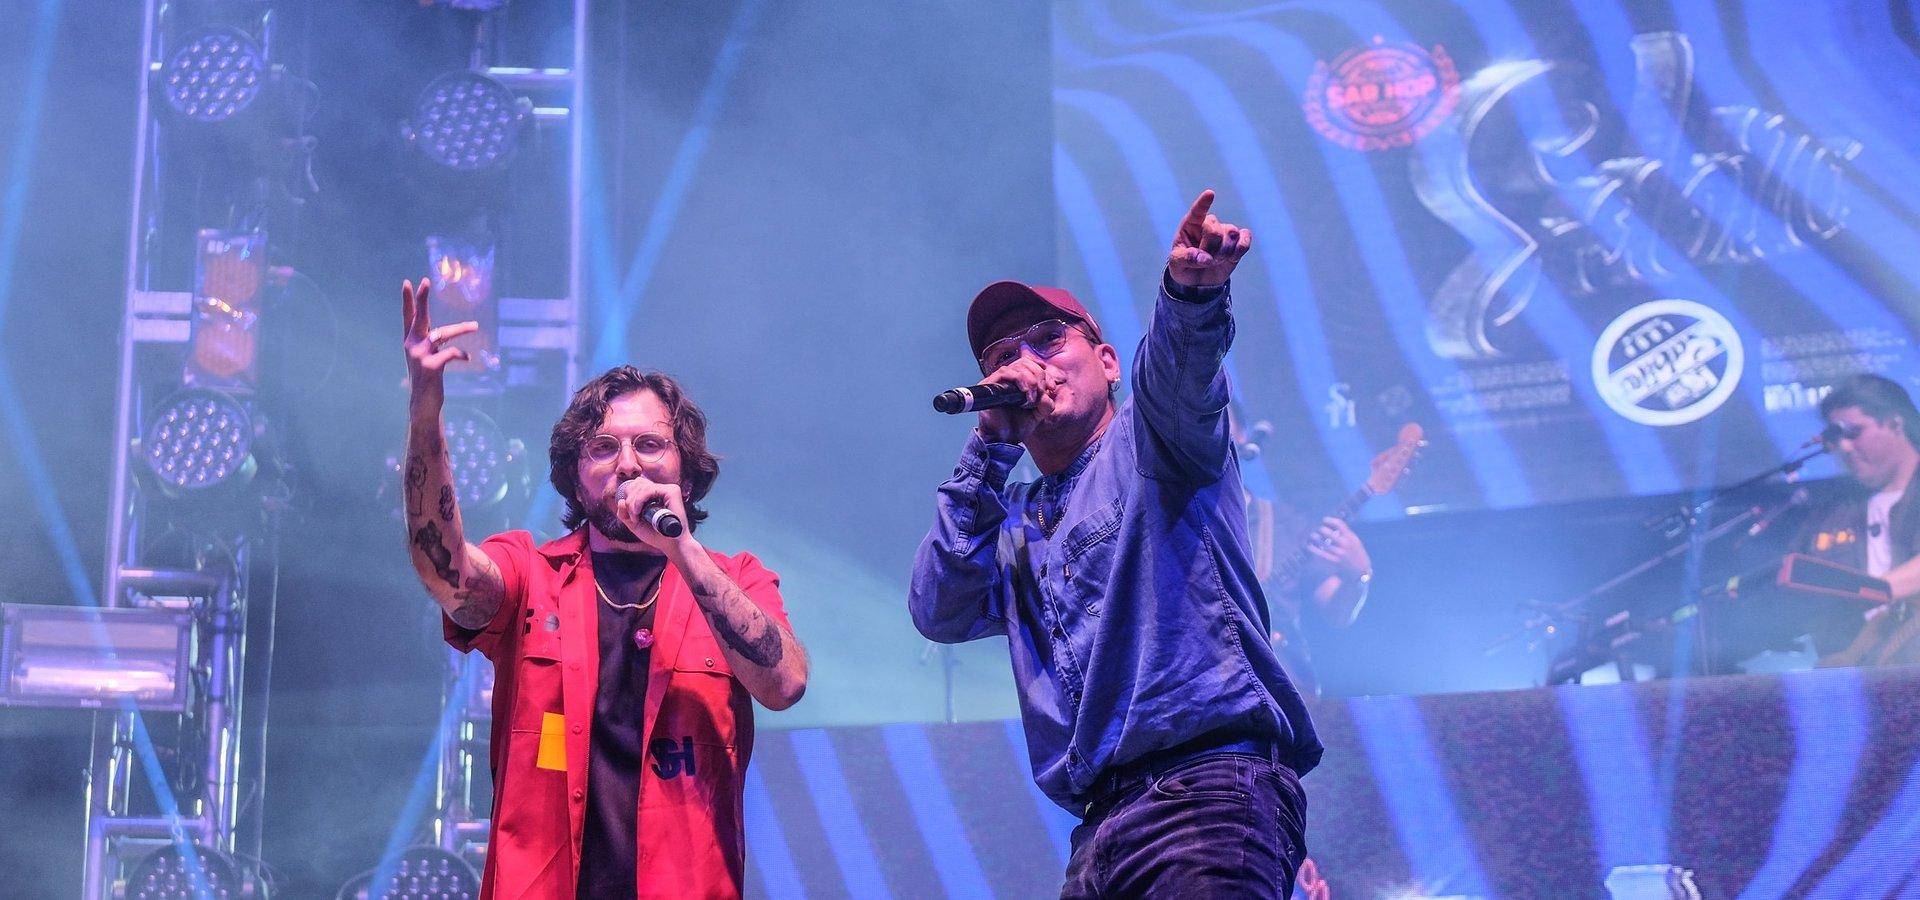 Sabino y Charles Ans preparan una ráfaga de versos y rap en la capital mexicana